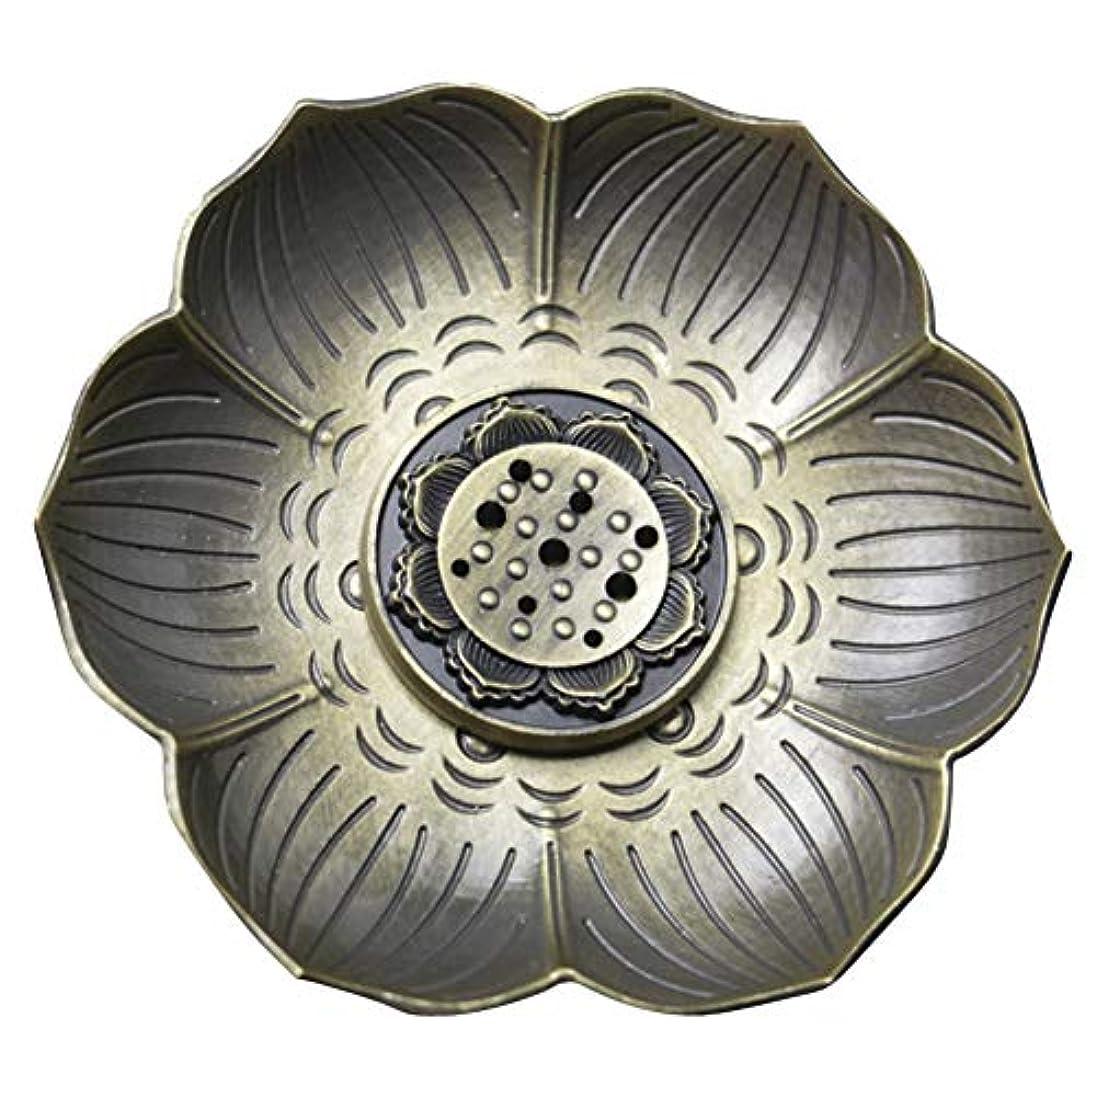 イノセンス十分なキリスト教(イスイ)YISHUI 線香立 線香皿 香皿 香立て お香用具 お線香用可 アロマ香炉 梅の花 さくらHP0134 (梅の花B)